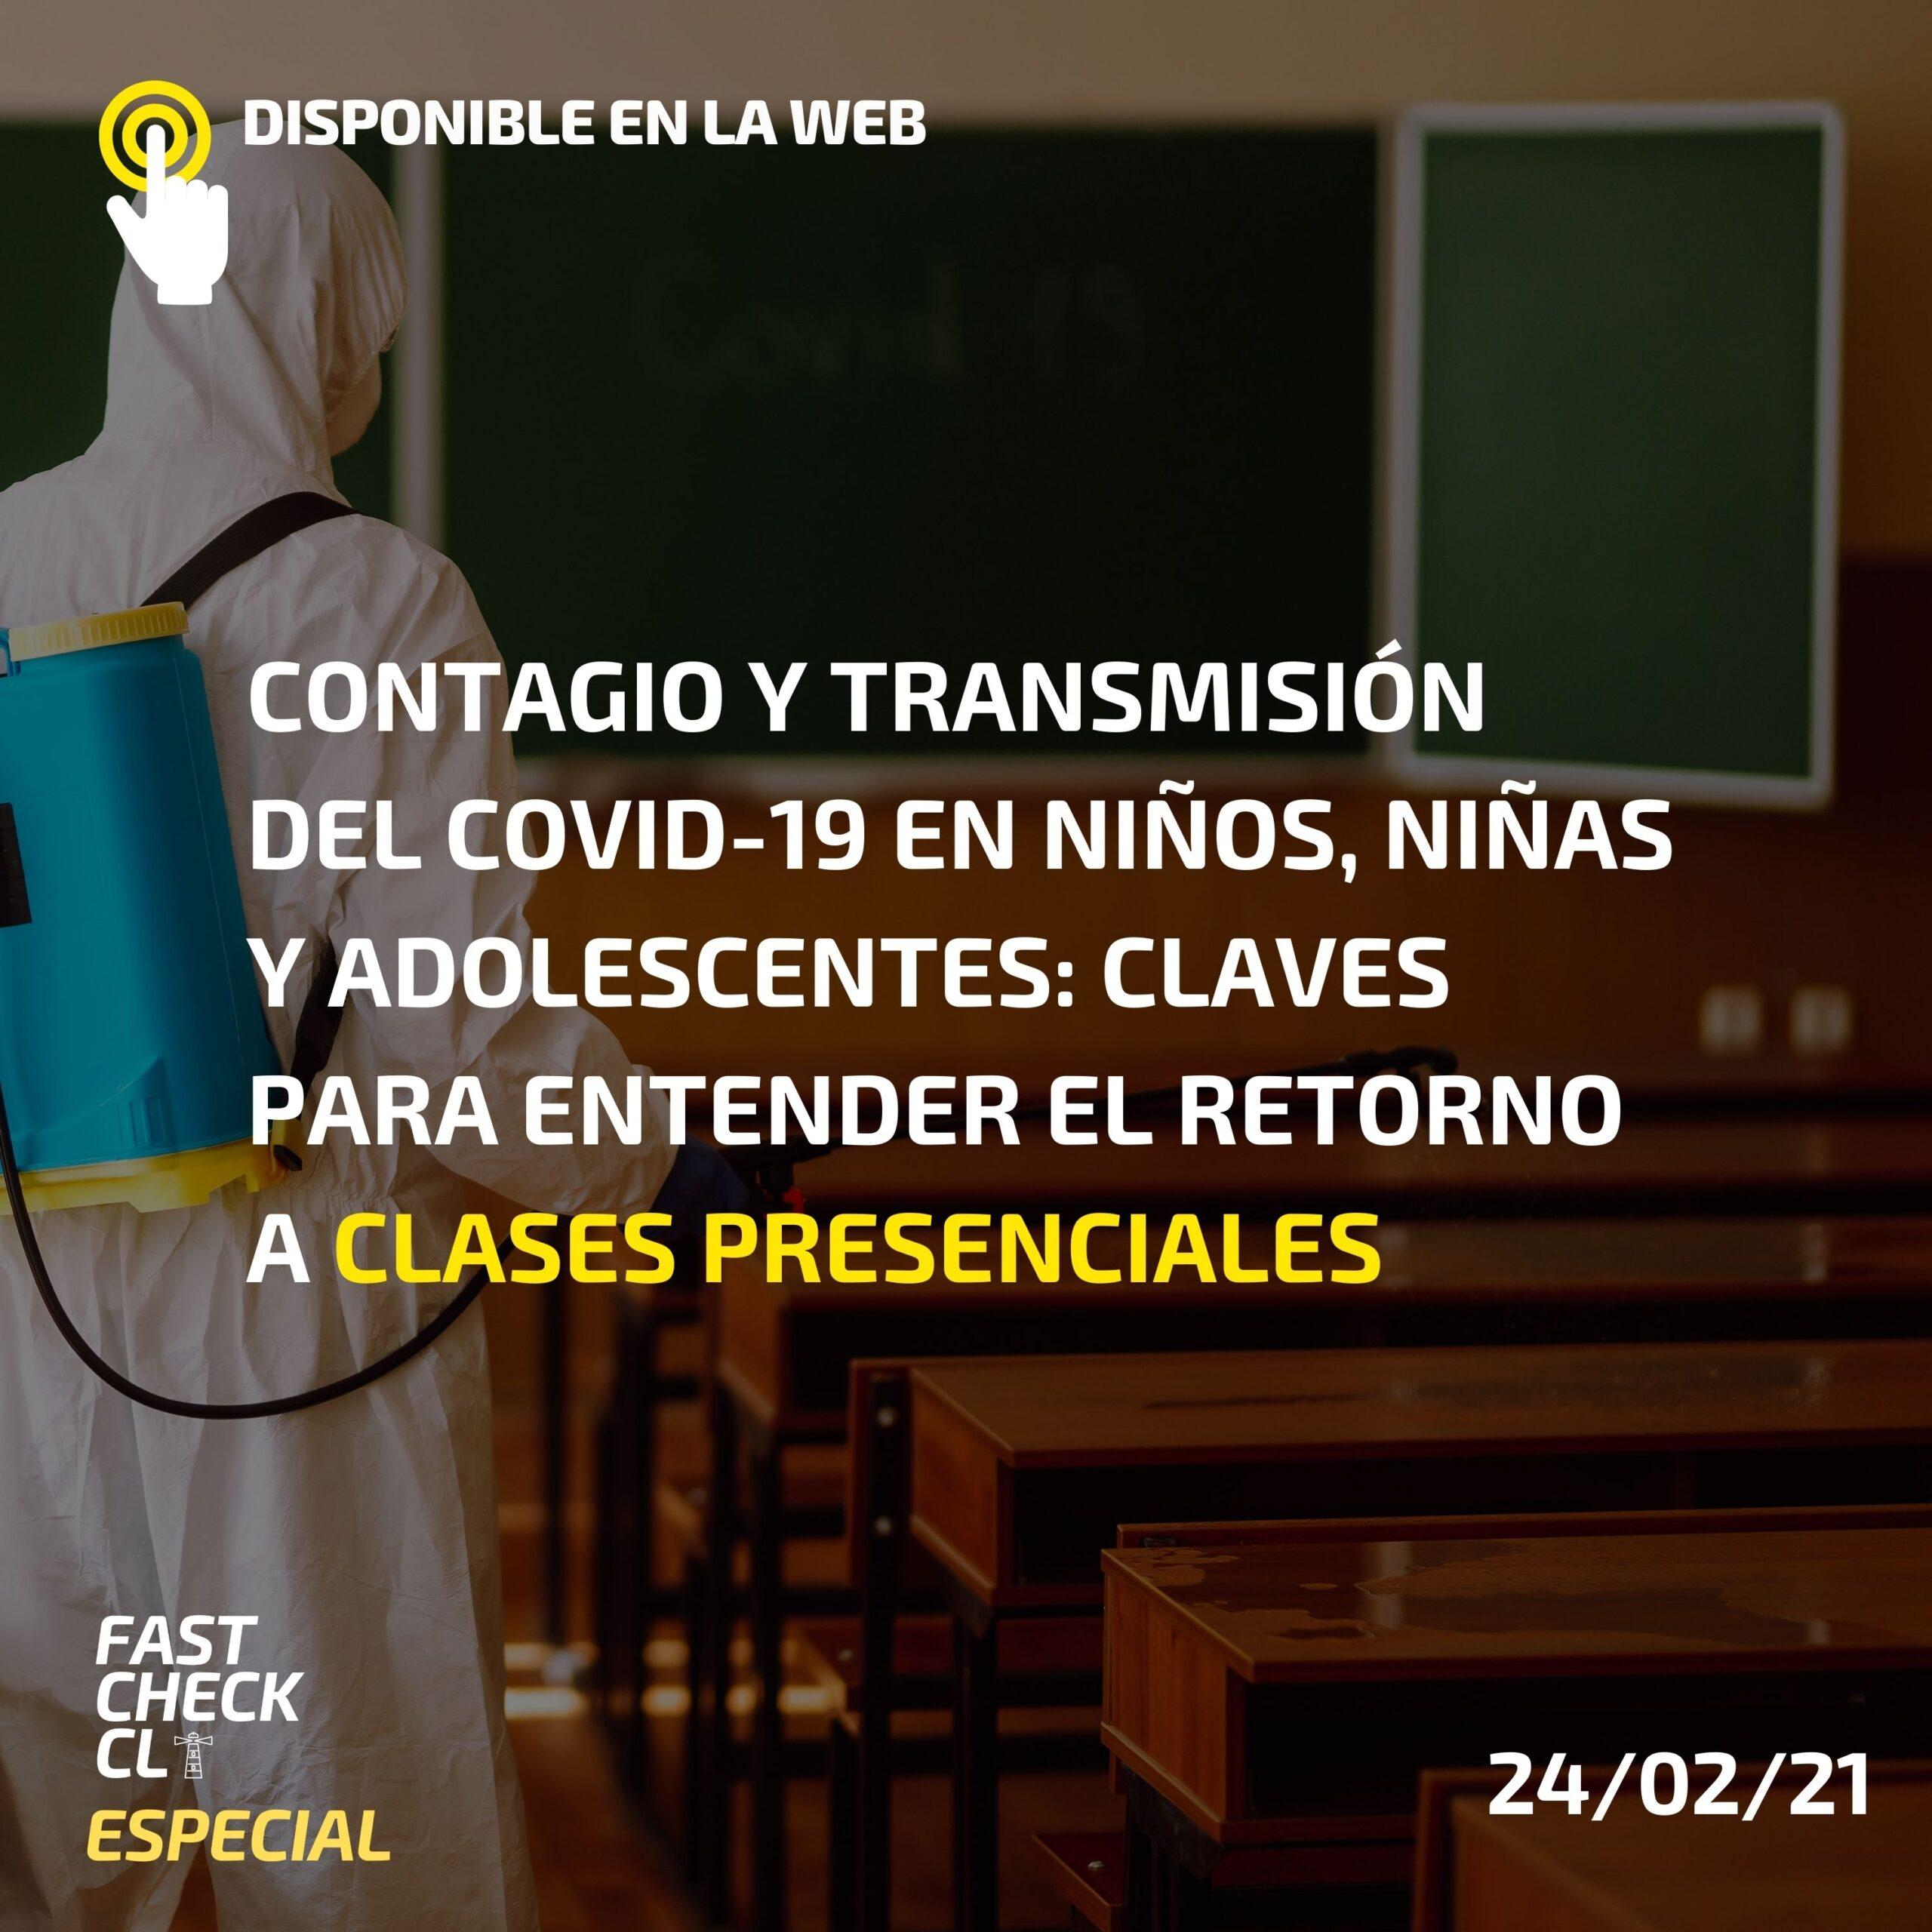 Contagio y transmisión del COVID-19 en niños, niñas y adolescentes: Claves para entender el retorno a clases presenciales